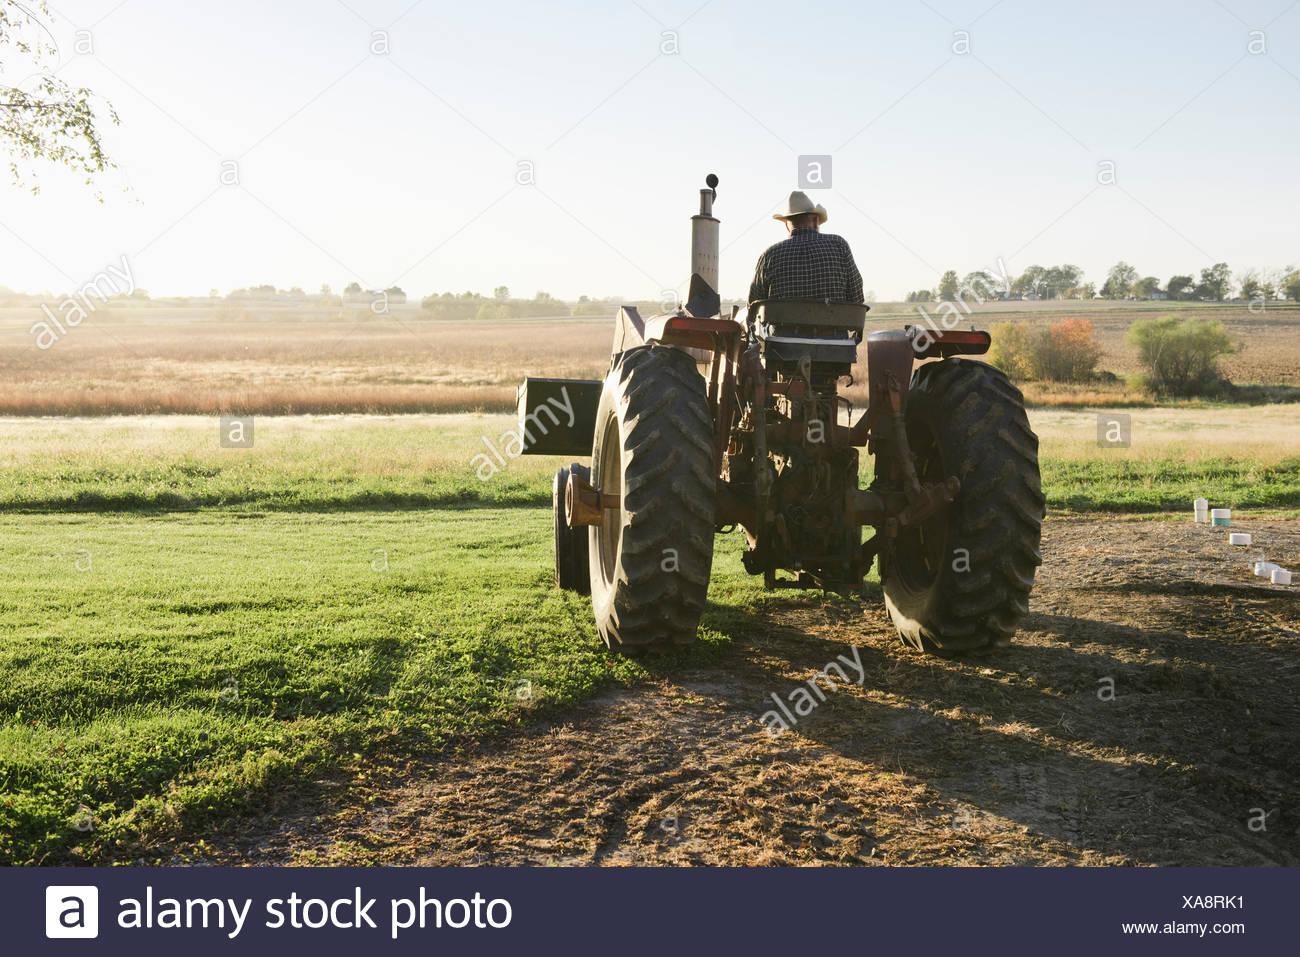 Vista posteriore del maschio anziano contadino di guidare il trattore nel campo, Plattsburg, Missouri, Stati Uniti d'America Immagini Stock